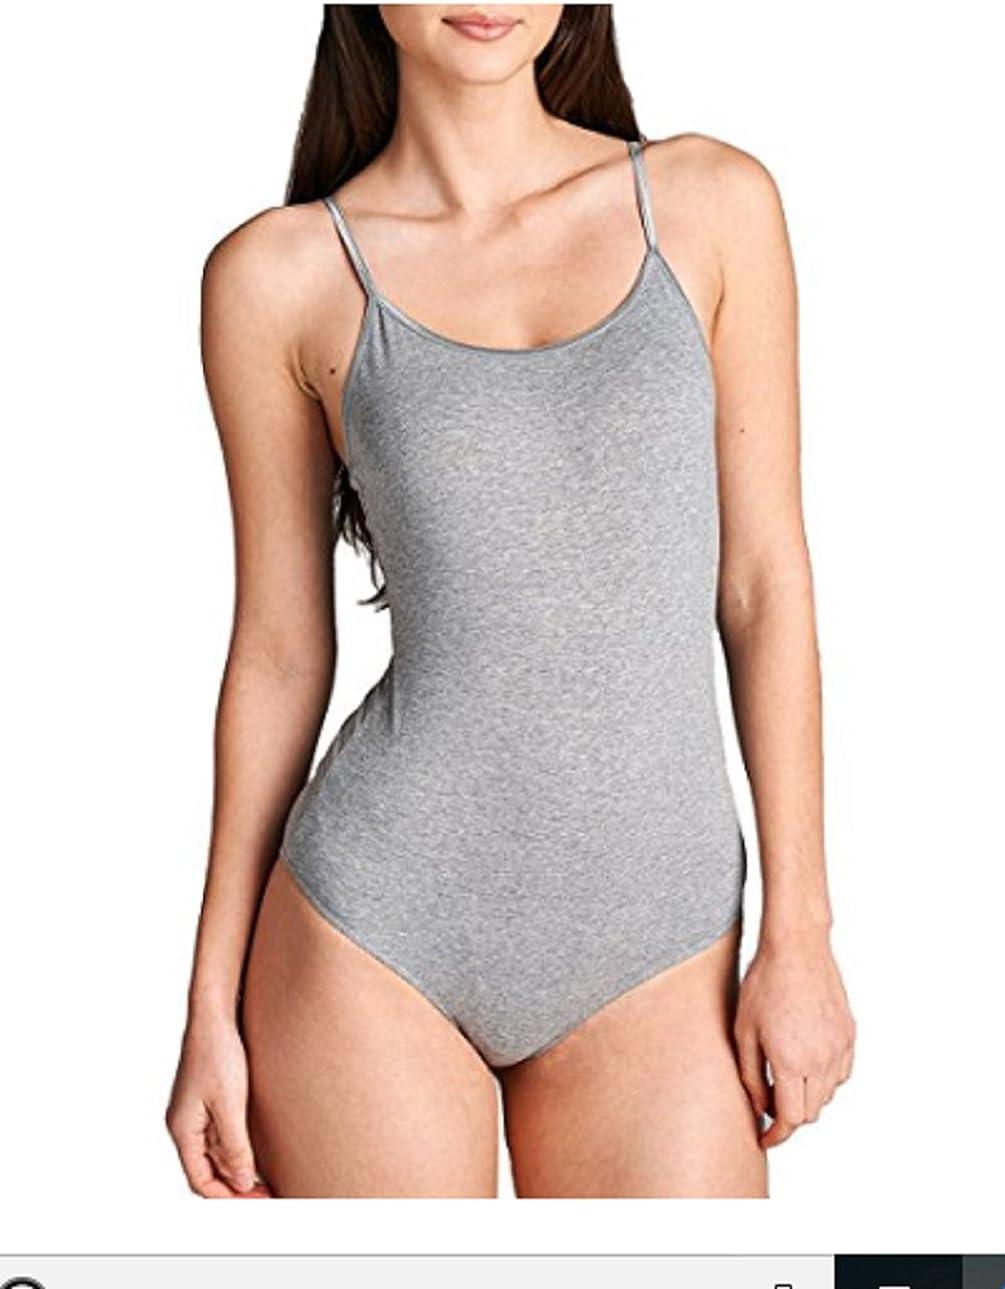 Hollywood Star Fashion Snap Crotch Thin Strap Leotard Bodysuit Camisole